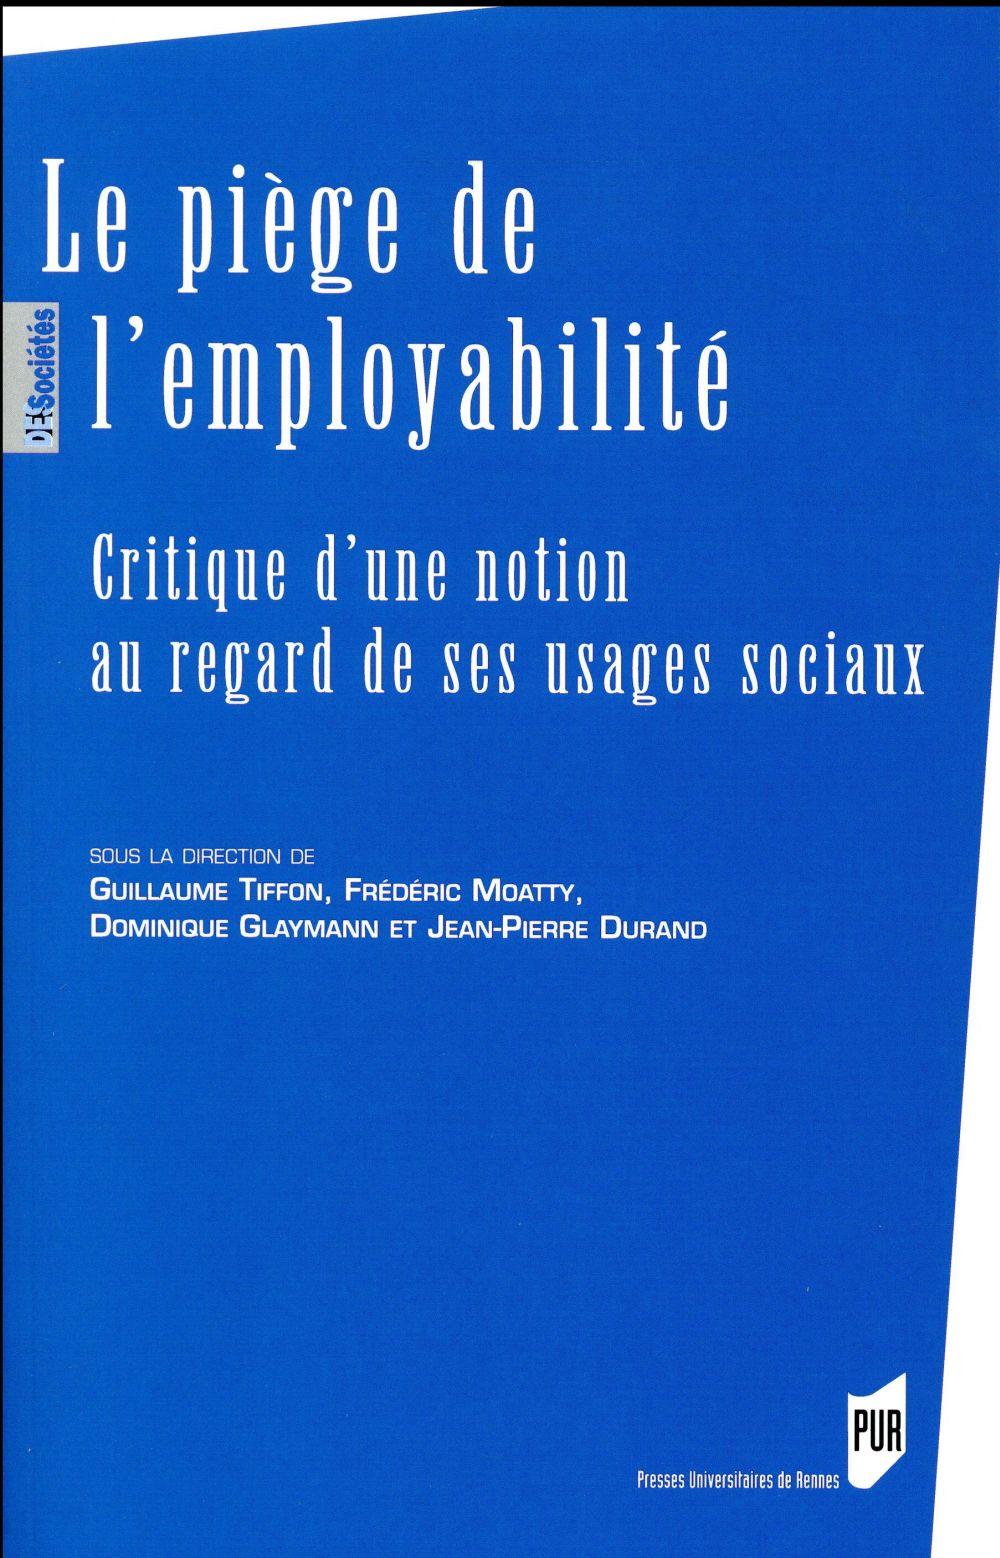 LE PIEGE DE L'EMPLOYABILITE  -  CRITIQUE D'UNE NOTION AU REGARD DE SES USAGES SOCIAUX (EDITION 2017)